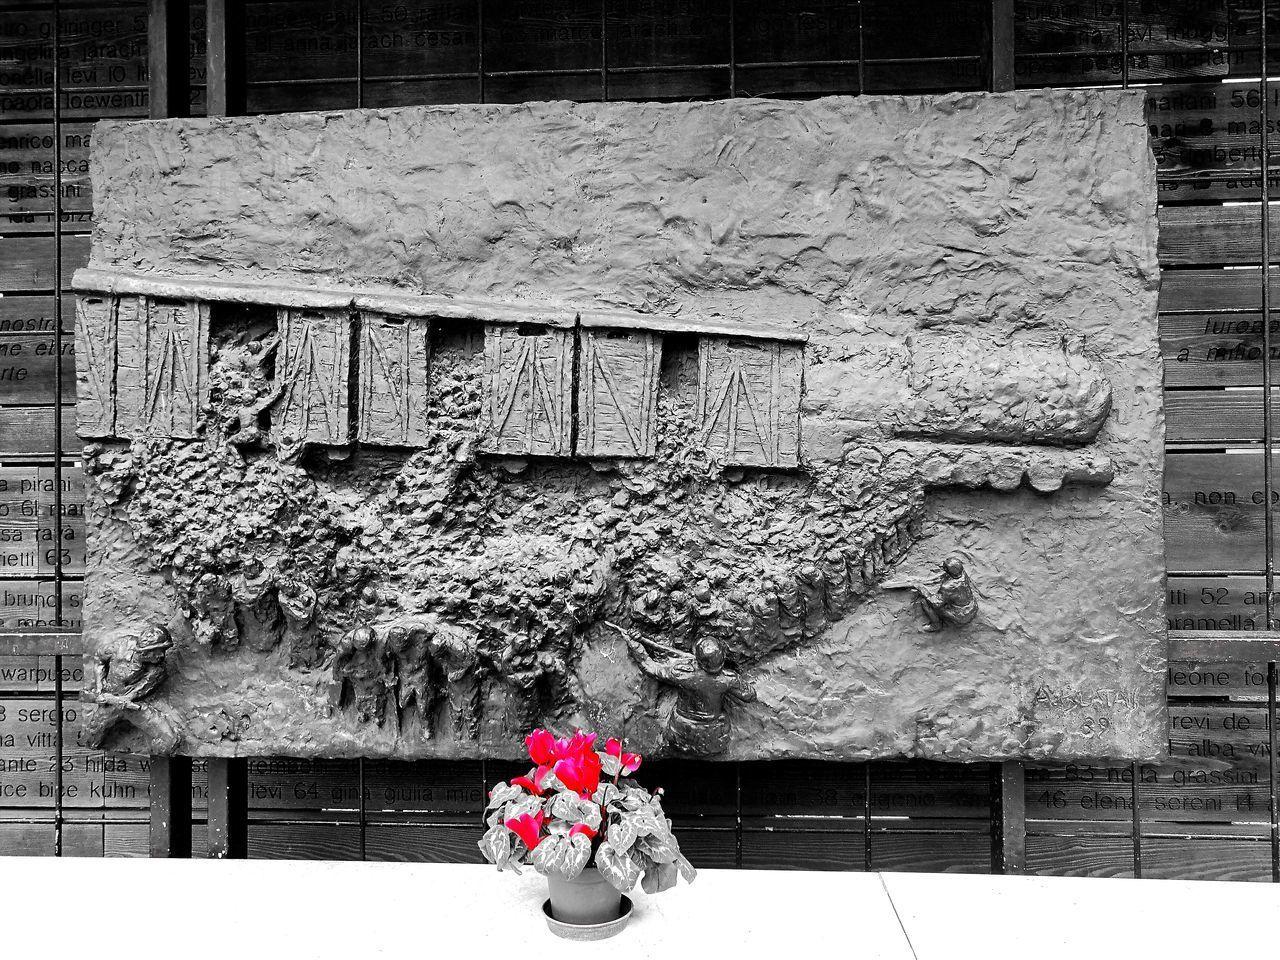 Olocausto , per non dimenticare 😢 Not Forget